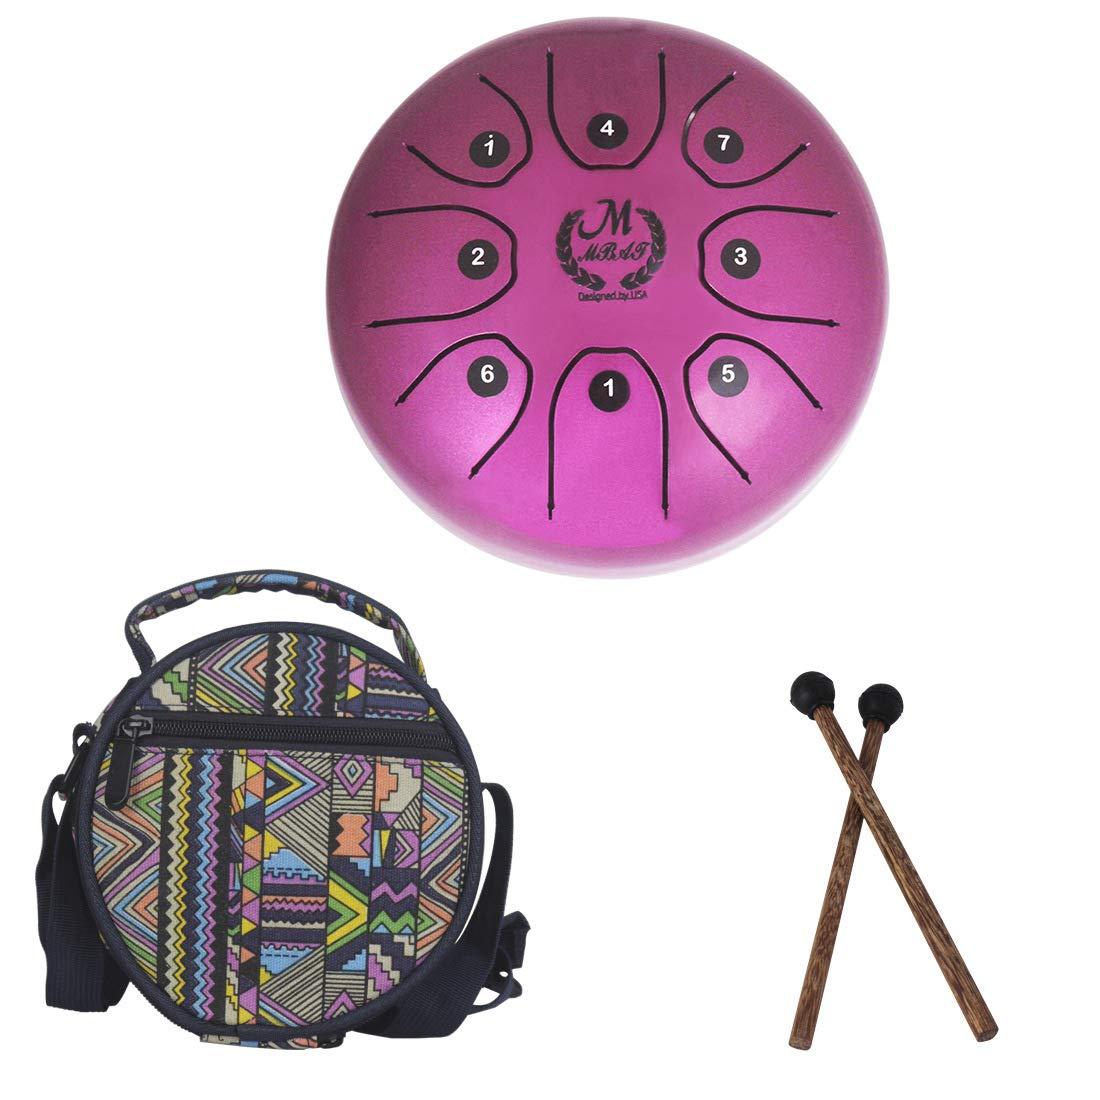 Tambour acier 5,5 pouces mini 8 tons T-C Instrument de percussion à percussion Main tambour avec baguettes de tambour Sac de transport Facile à jouer, instrument de musique, musicothérapie,Pink